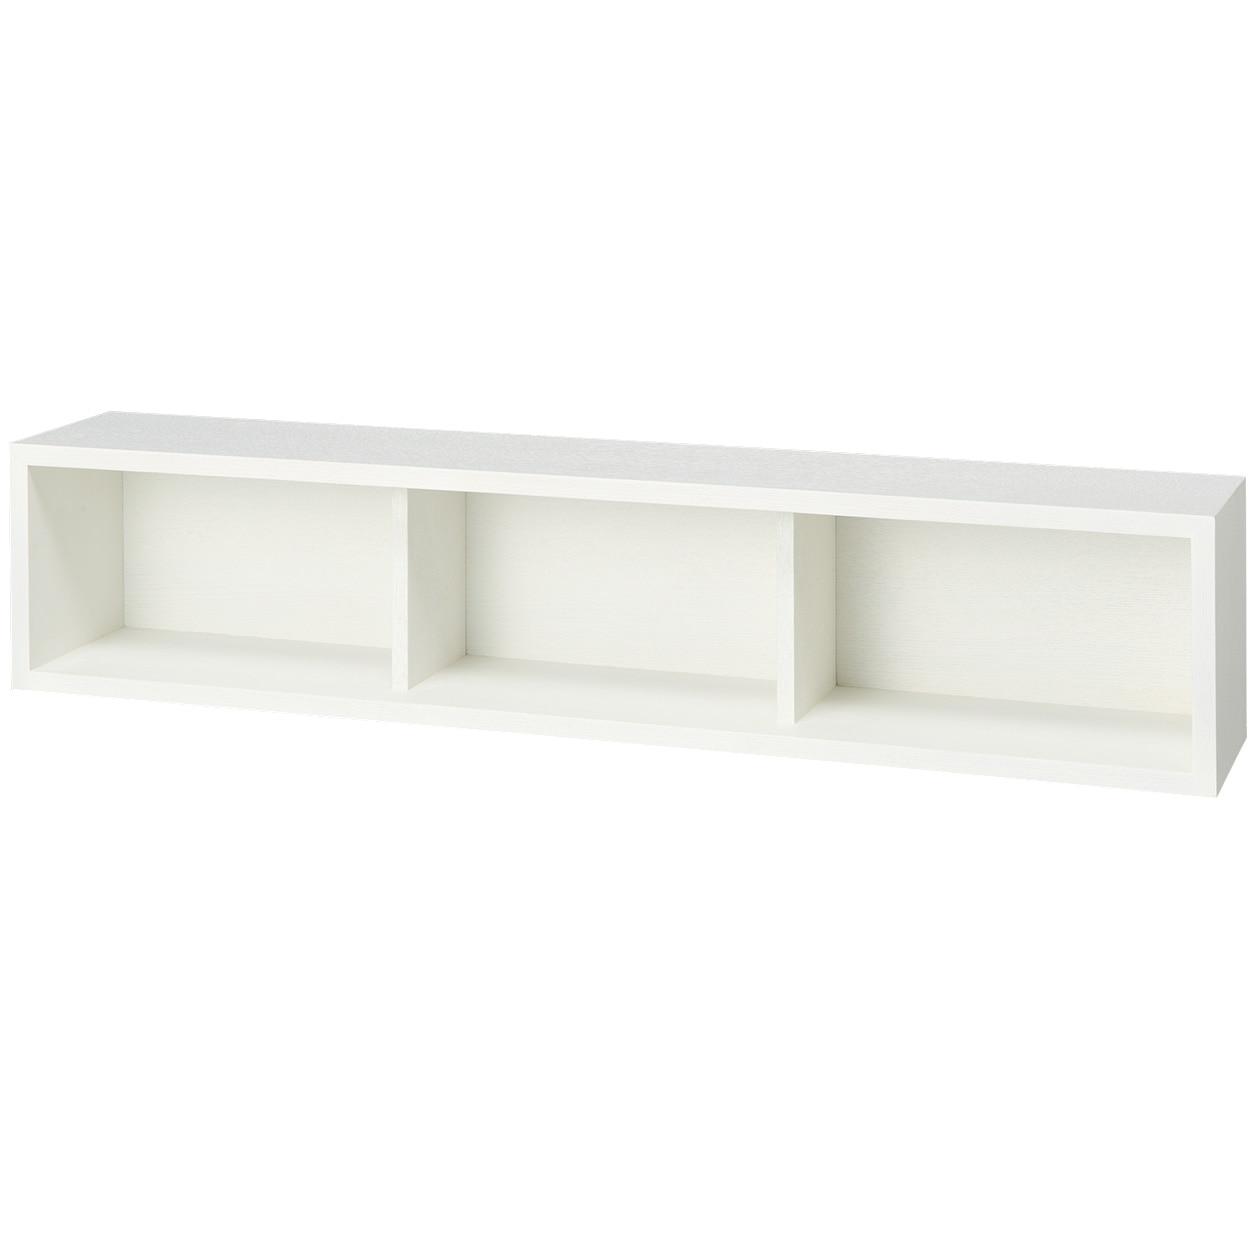 壁に付けられる家具・箱・幅88cm・タモ材/ライトグレー